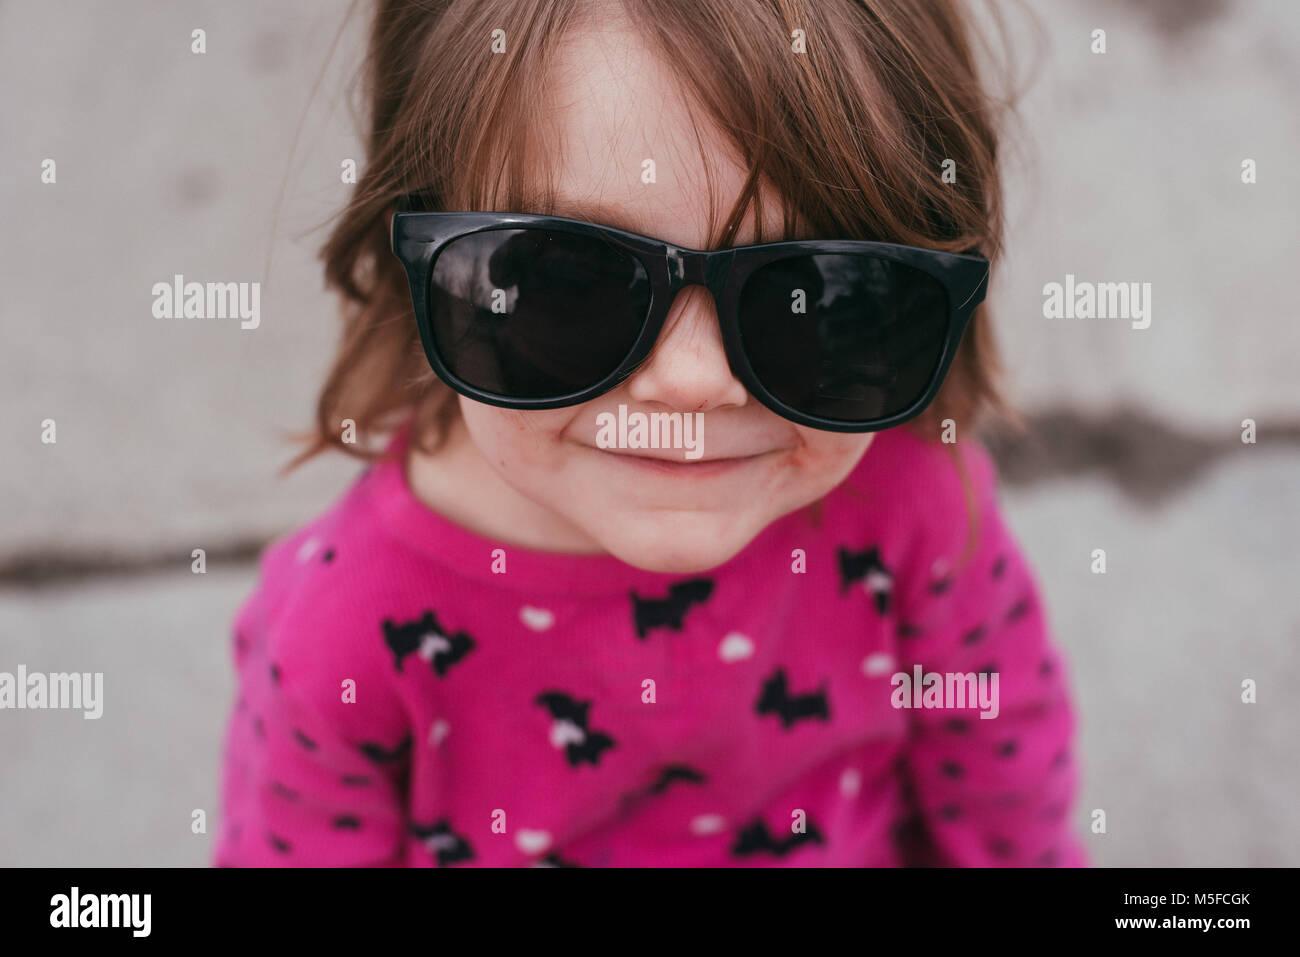 Um toddler girl vestindo uma camisa cor-de-rosa e óculos de sol, de pé sobre uma calçada em um dia Imagens de Stock